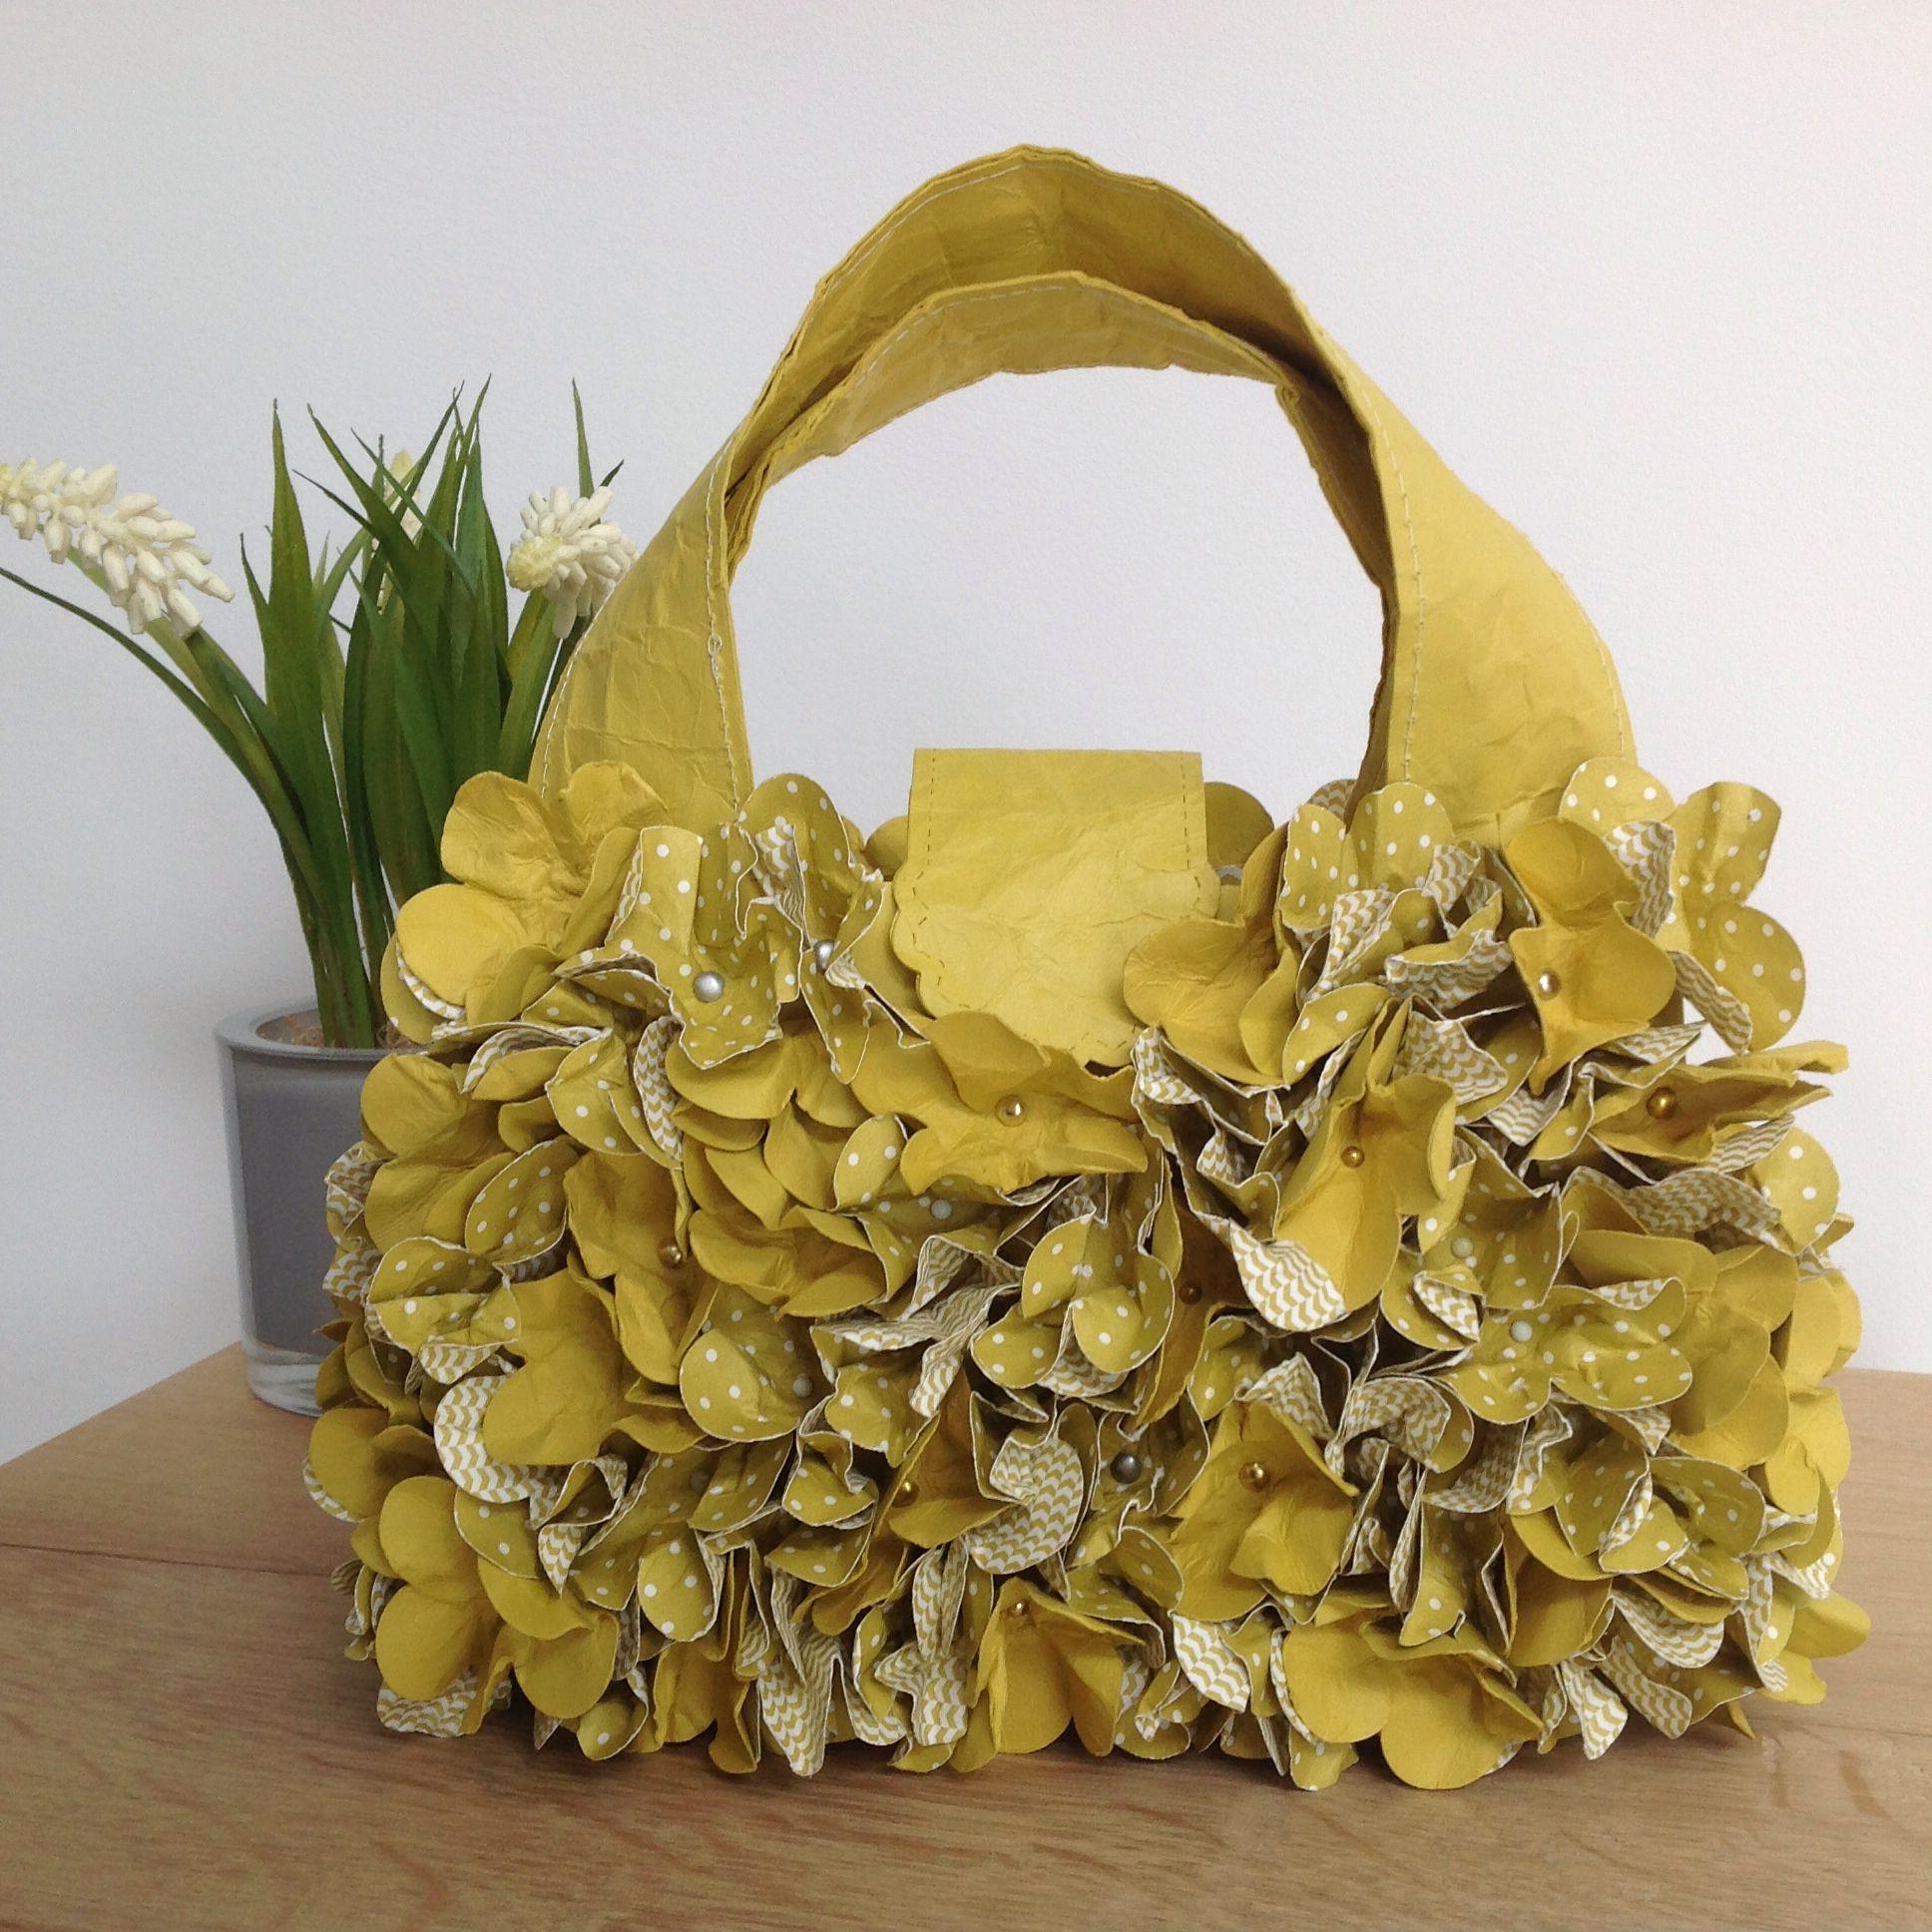 Papier Handtasche, Stampin Up Tasche, Papierblumen, Papierhandtasche, Blumen, Handtasche, Verpackung, Upcycling, SU Designpapier im Block,